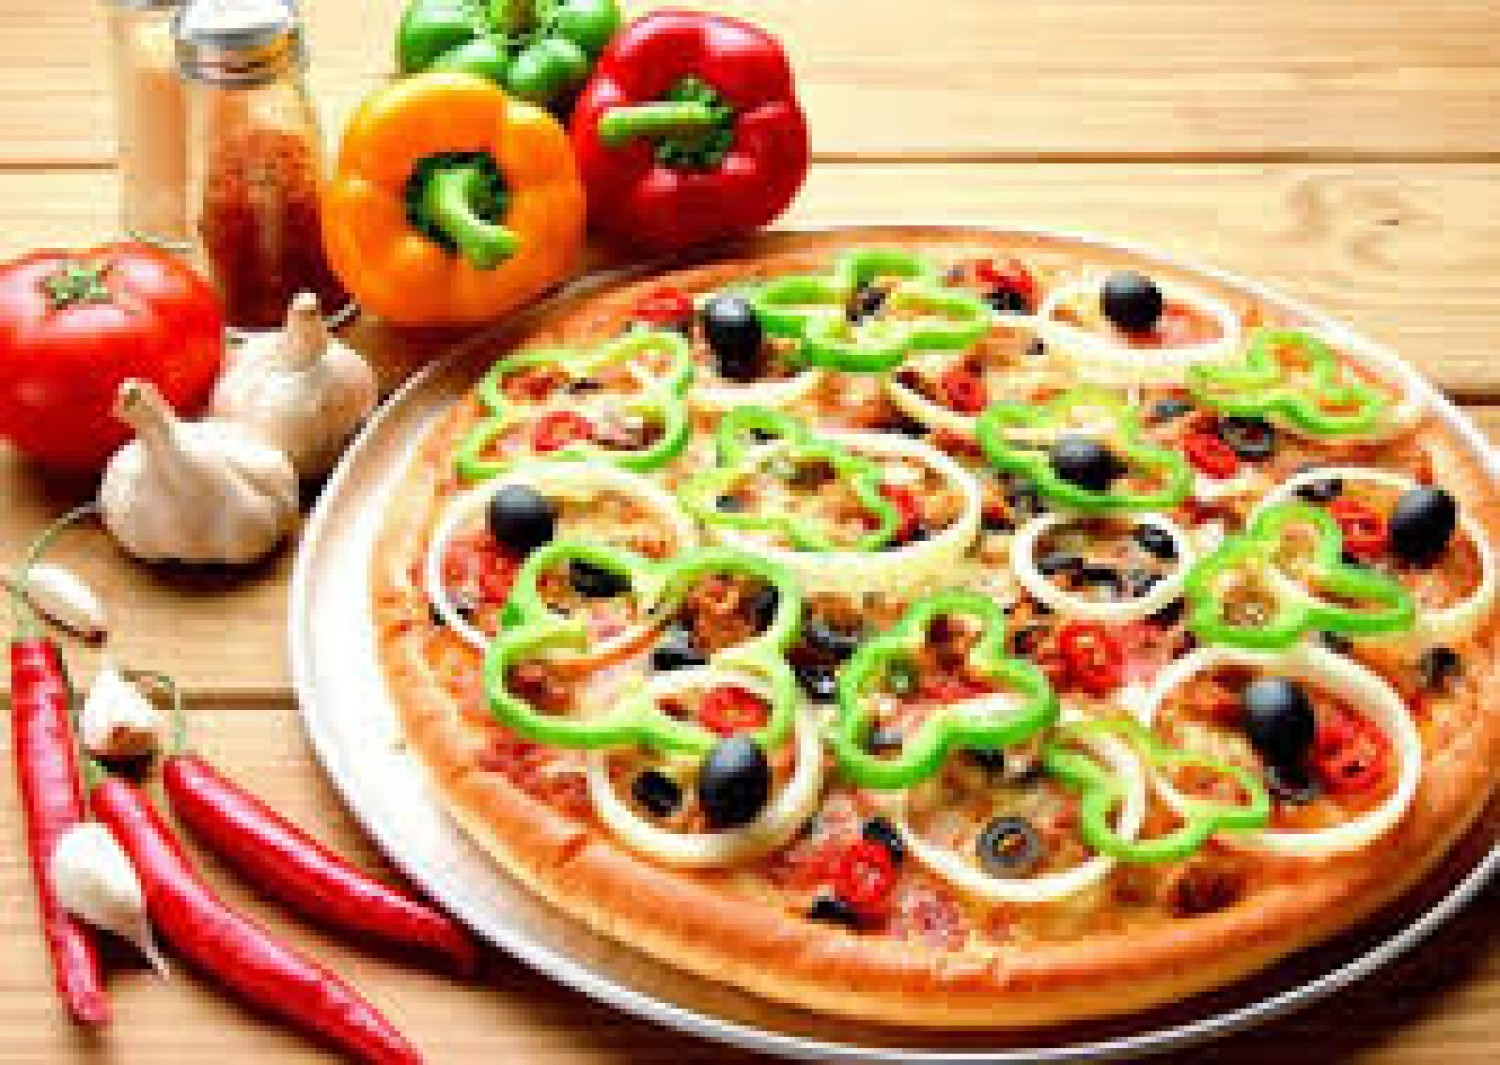 بالصور صور بيتزا , اشكال مختلفة في البيتزا 5351 10